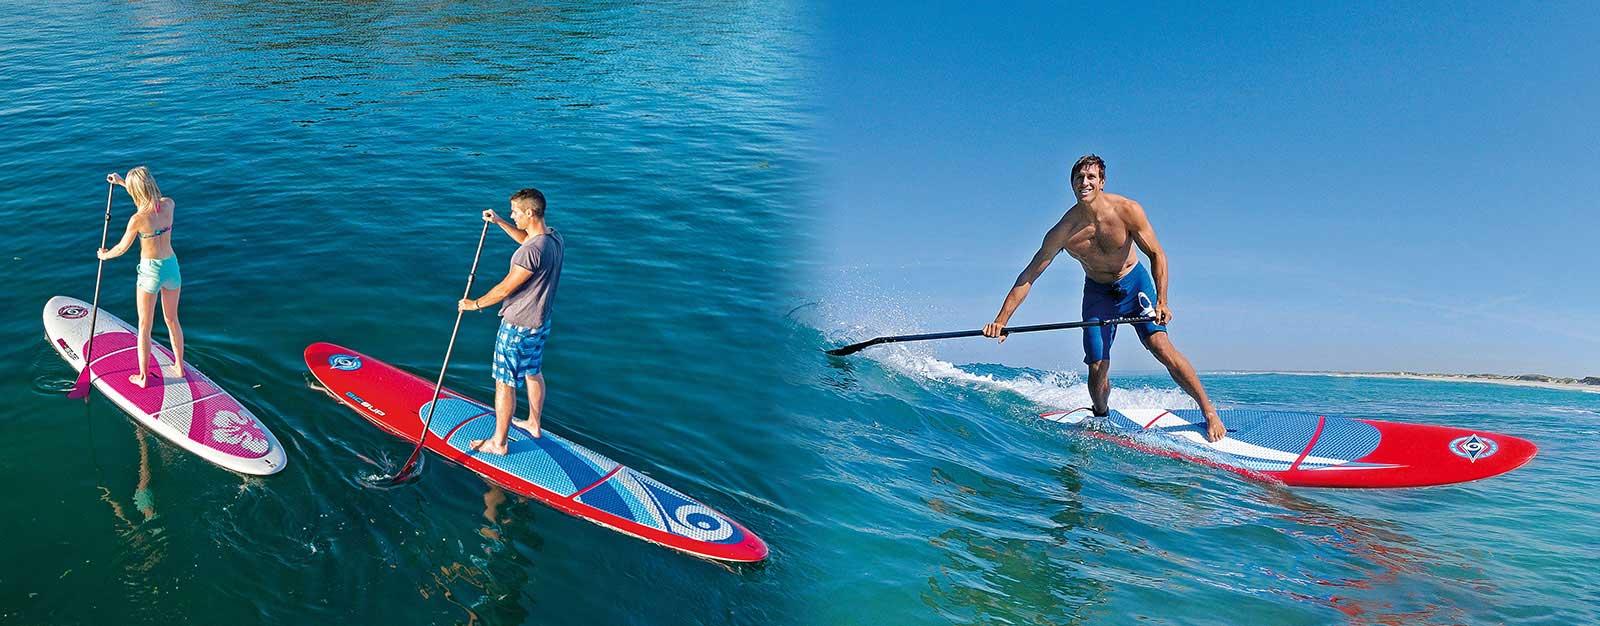 冲浪板生产_pc板生产_刘冬板控冲浪纸飞机